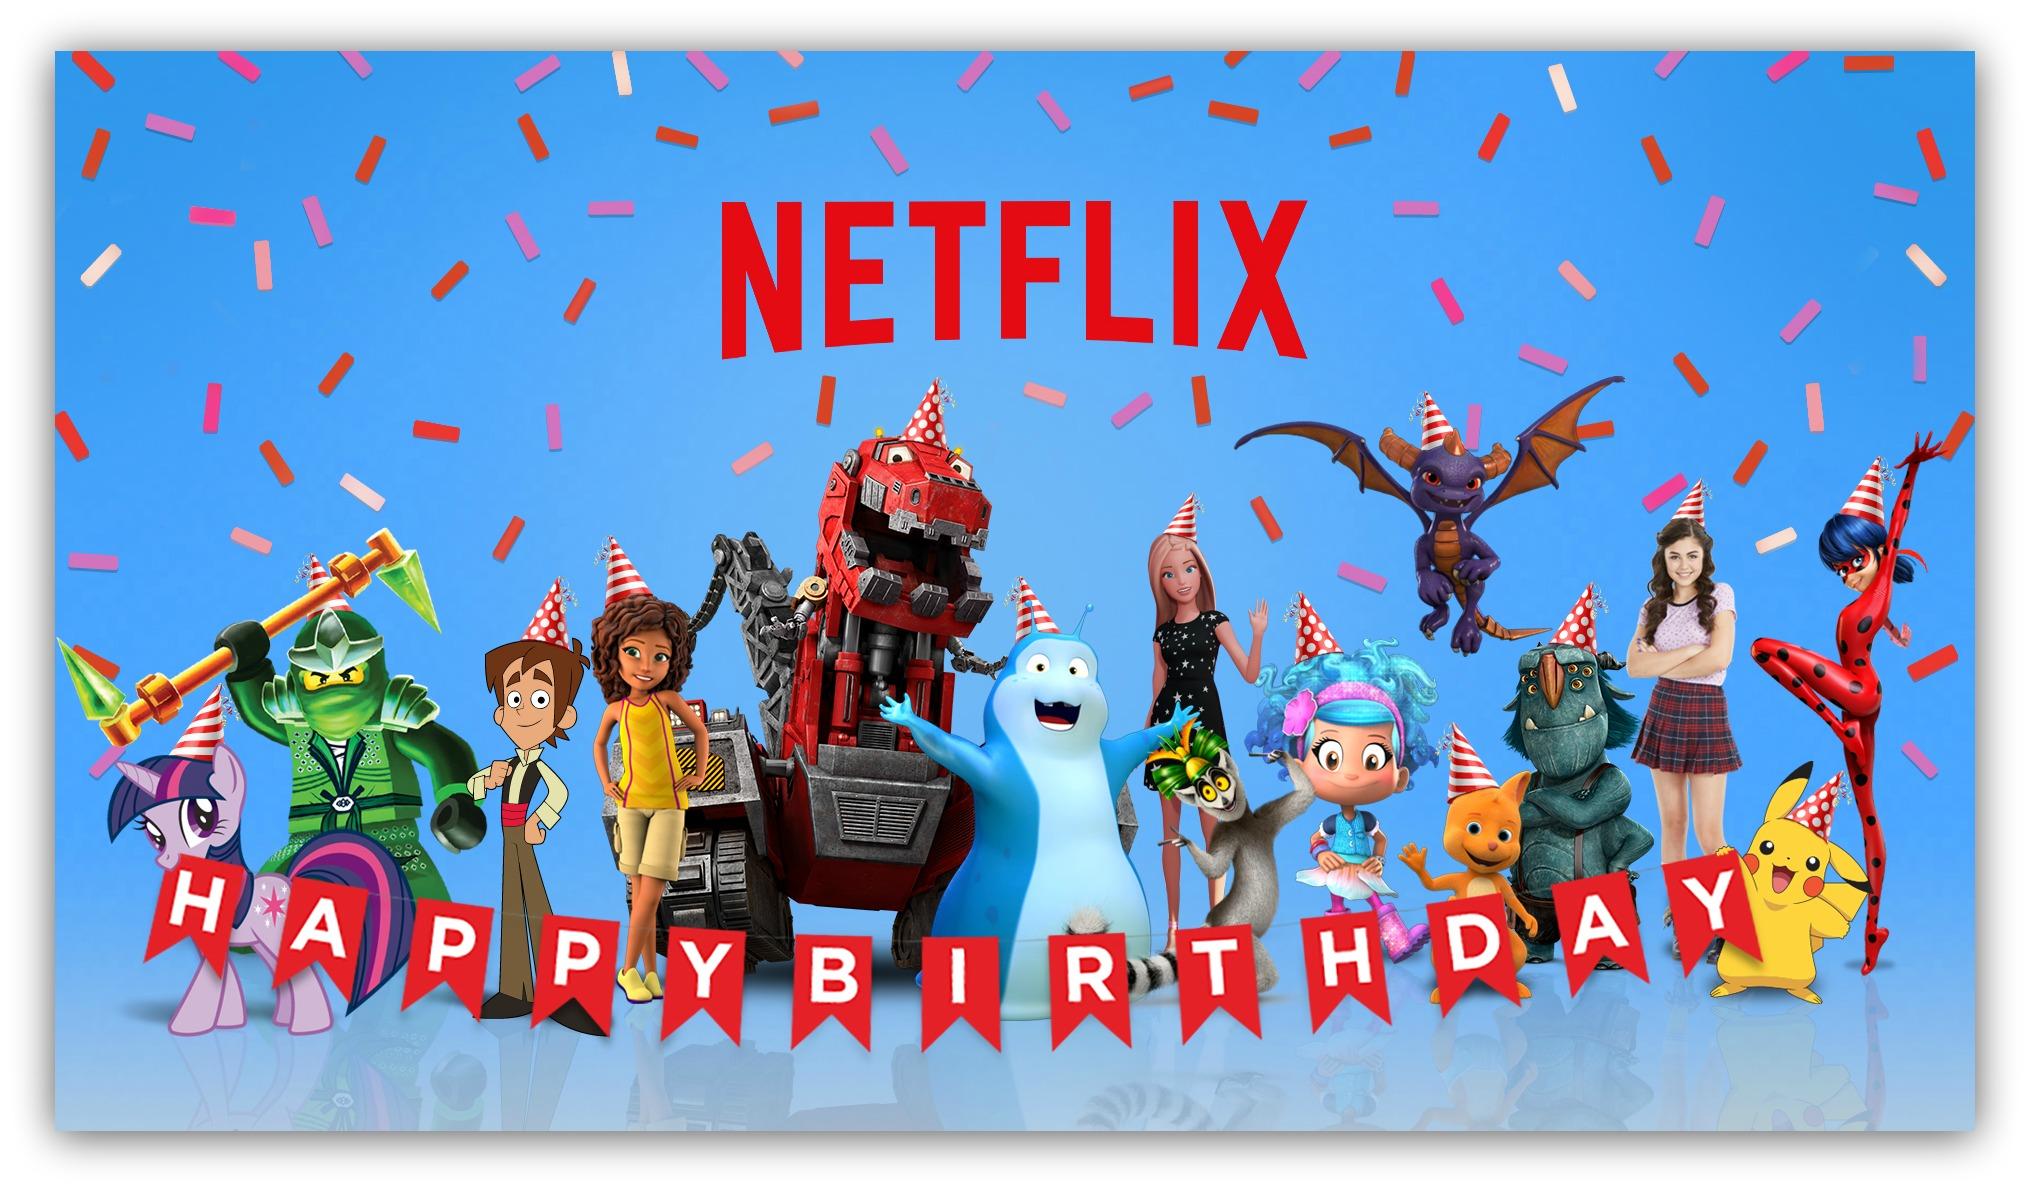 NETFLIX Birthday I